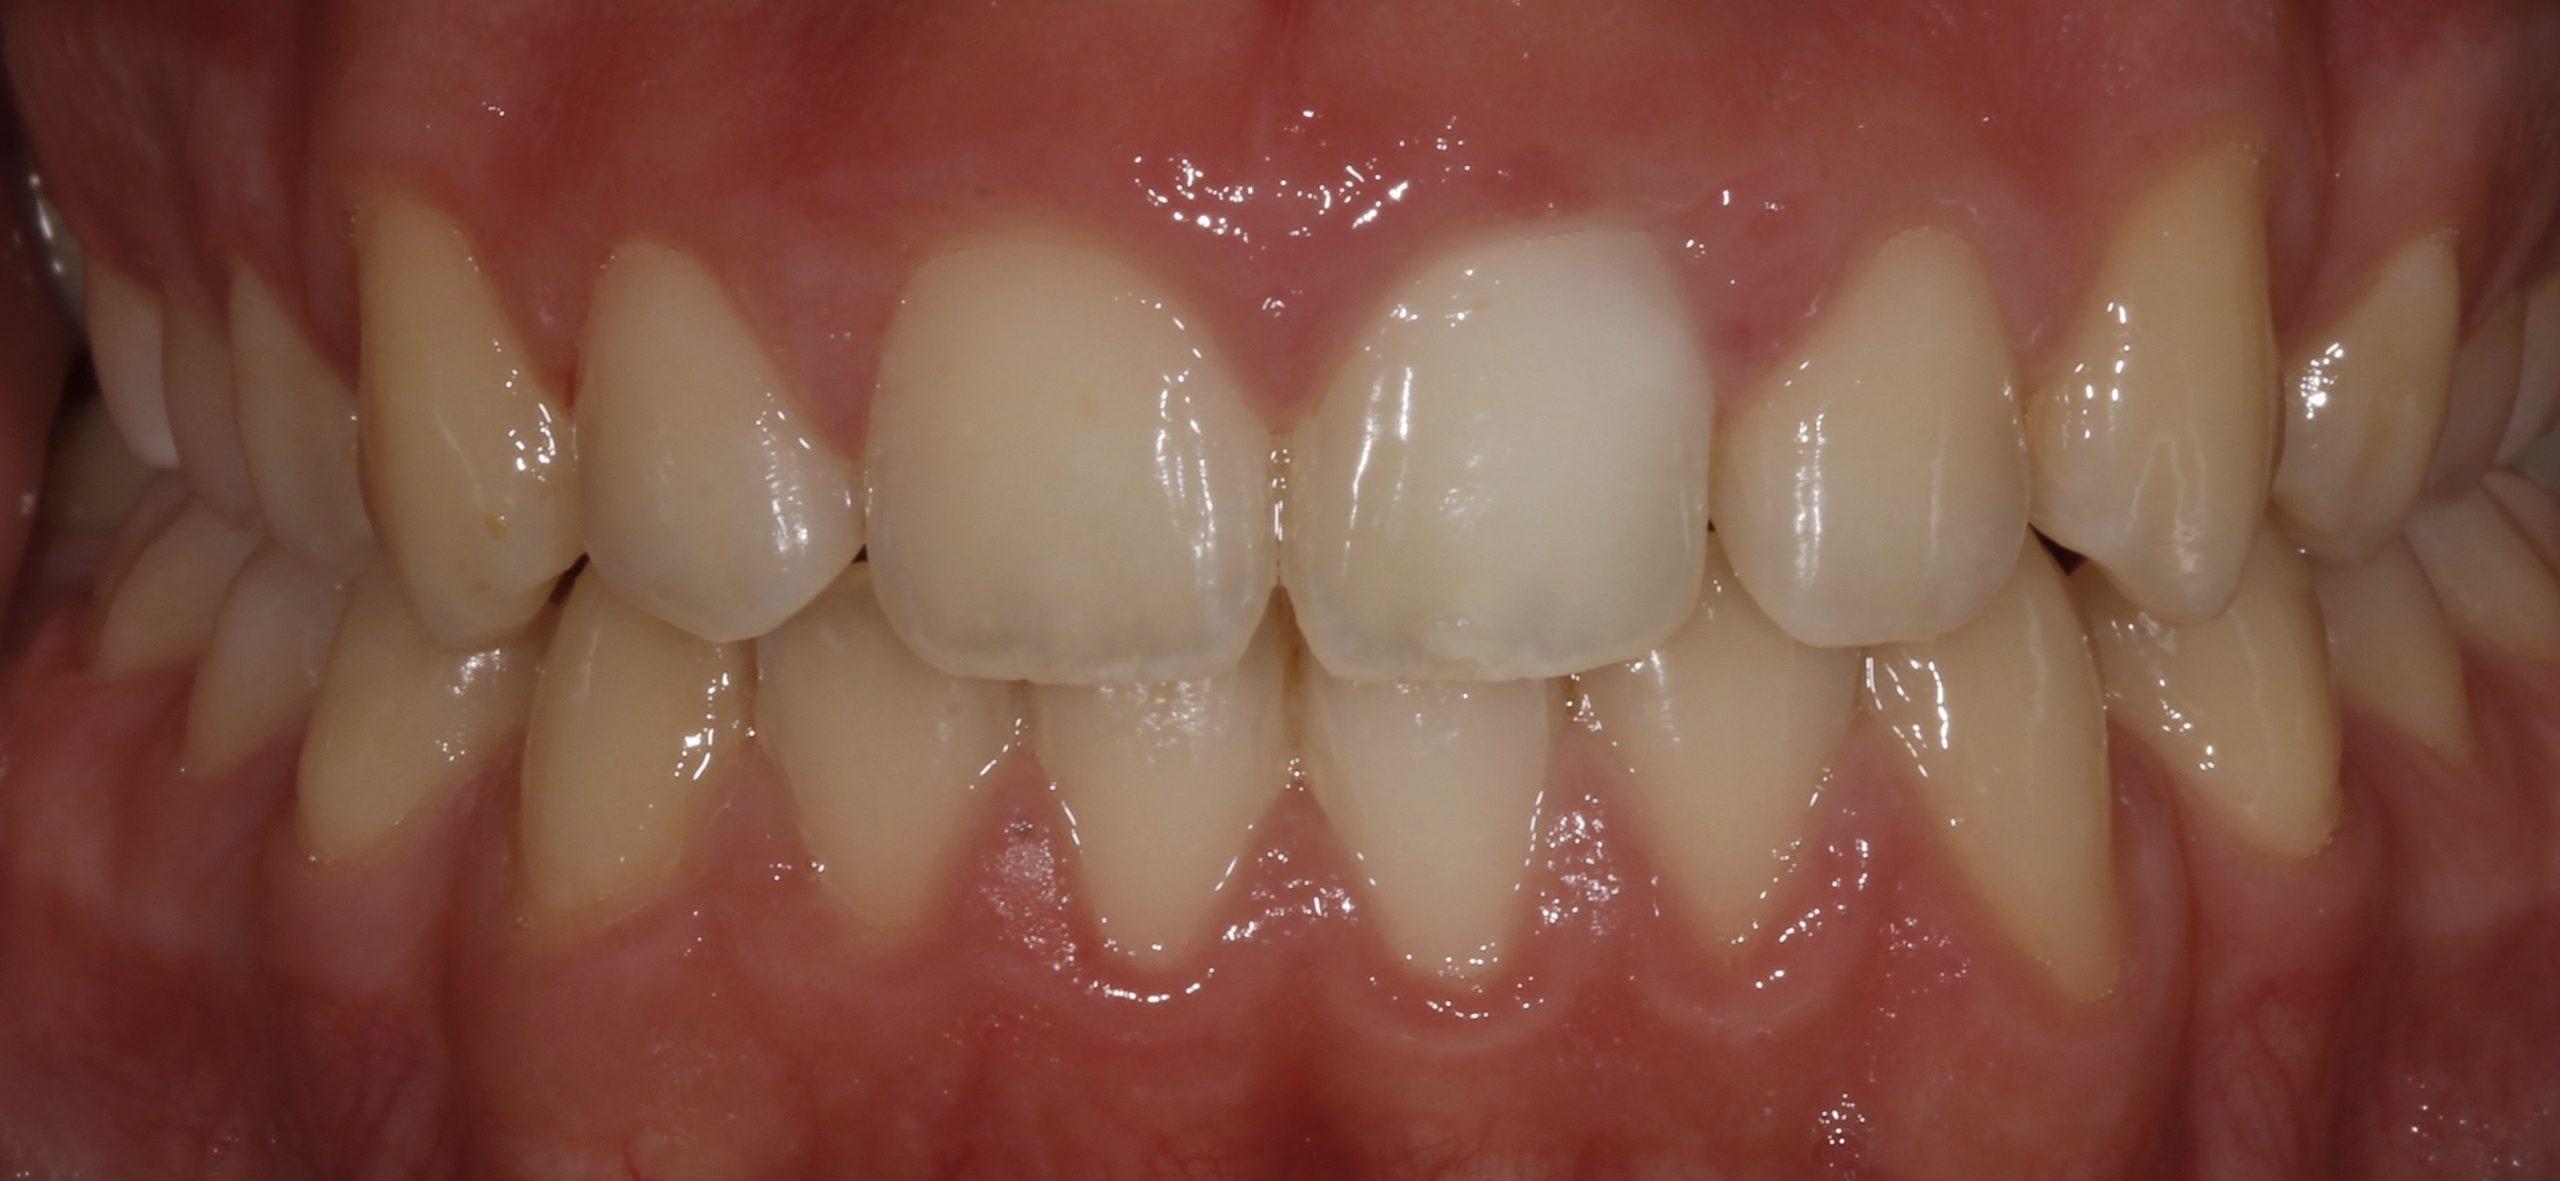 Blanqueamiento en paciente con traumatismo dental